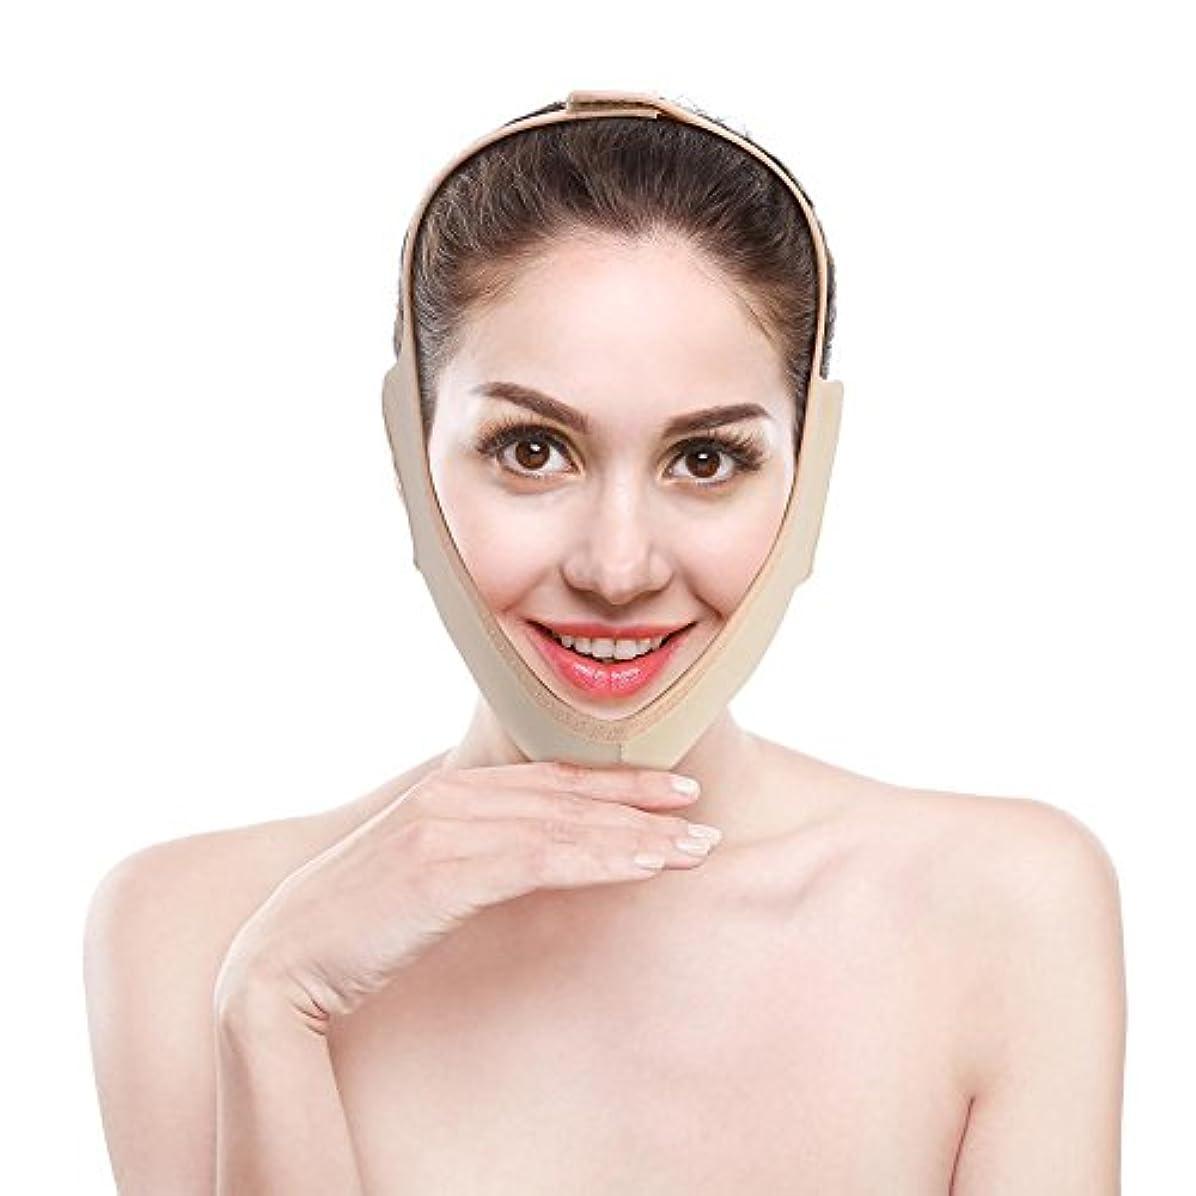 鮫プール暴力的な顔の輪郭を改善するVフェイス包帯、フェイスリフト用フェイスマスク、通気性/伸縮性/非変形性(M)